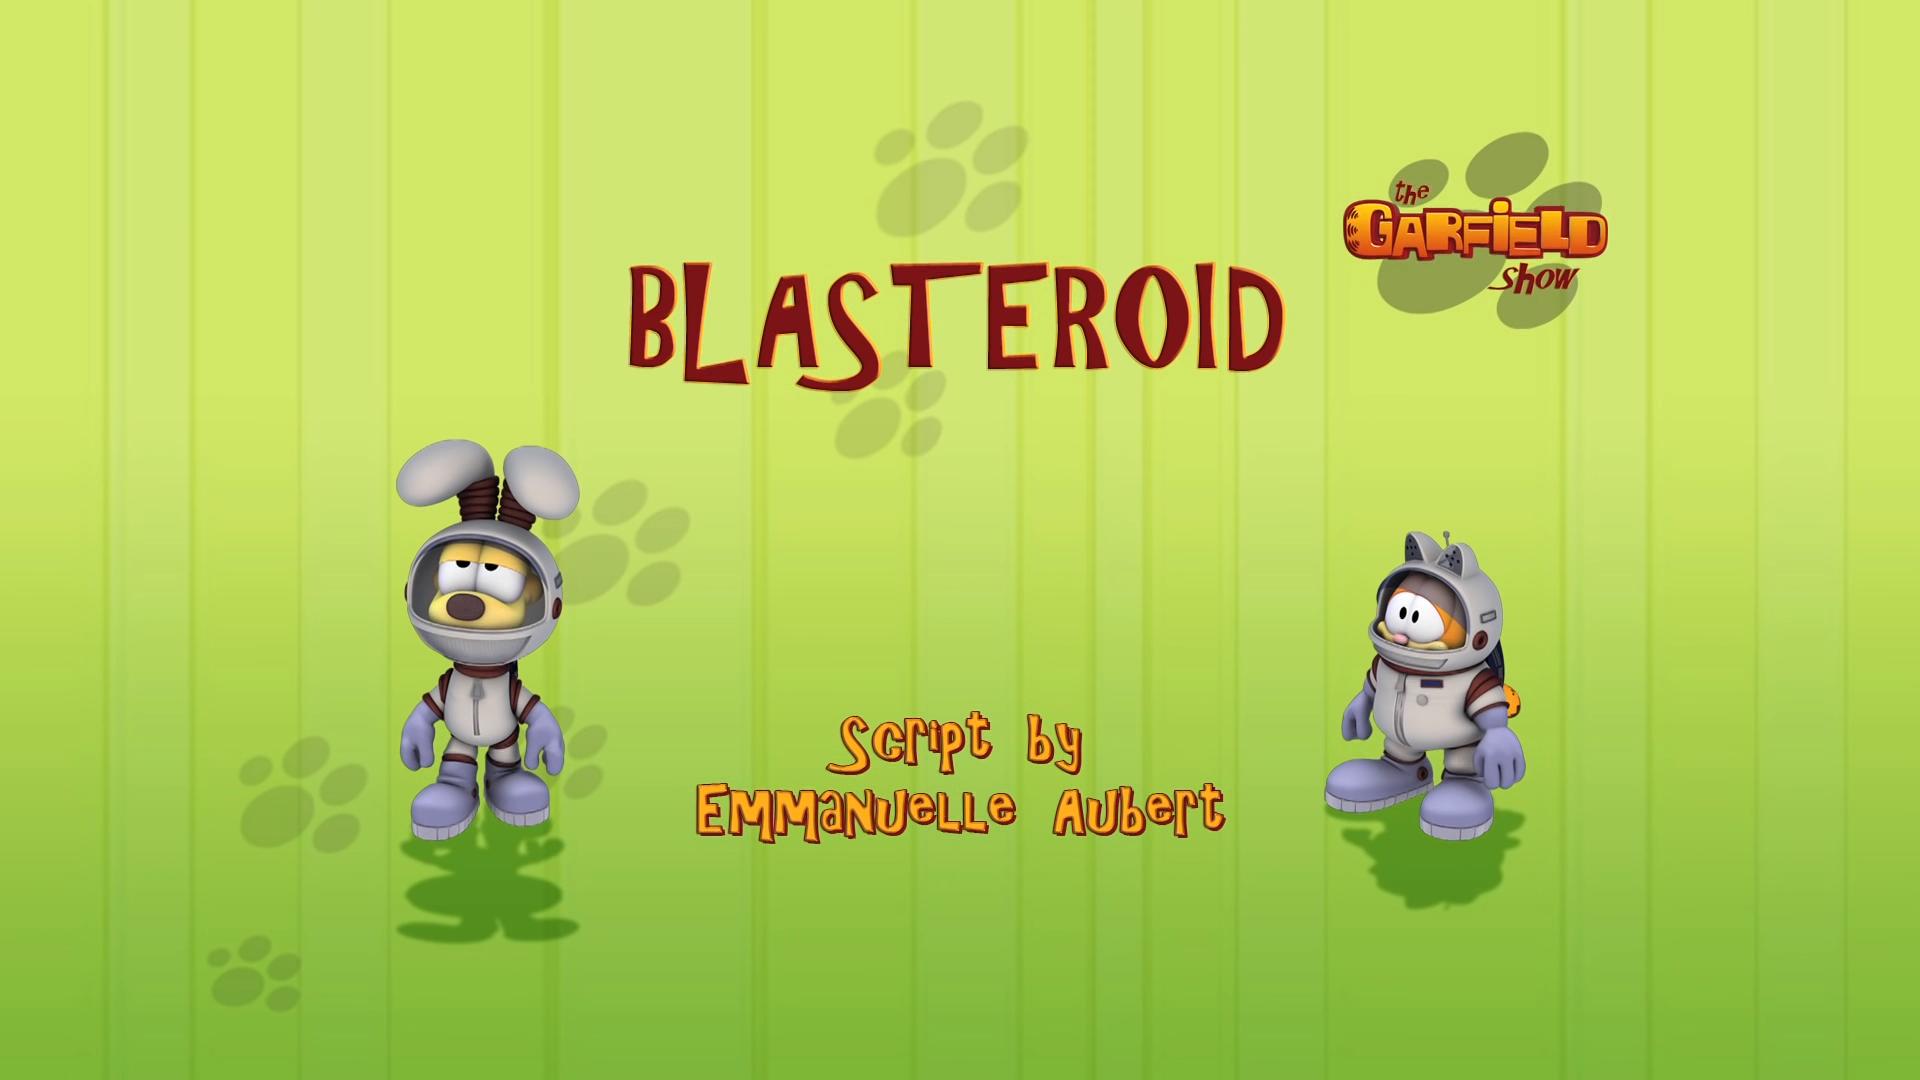 Blasteroid